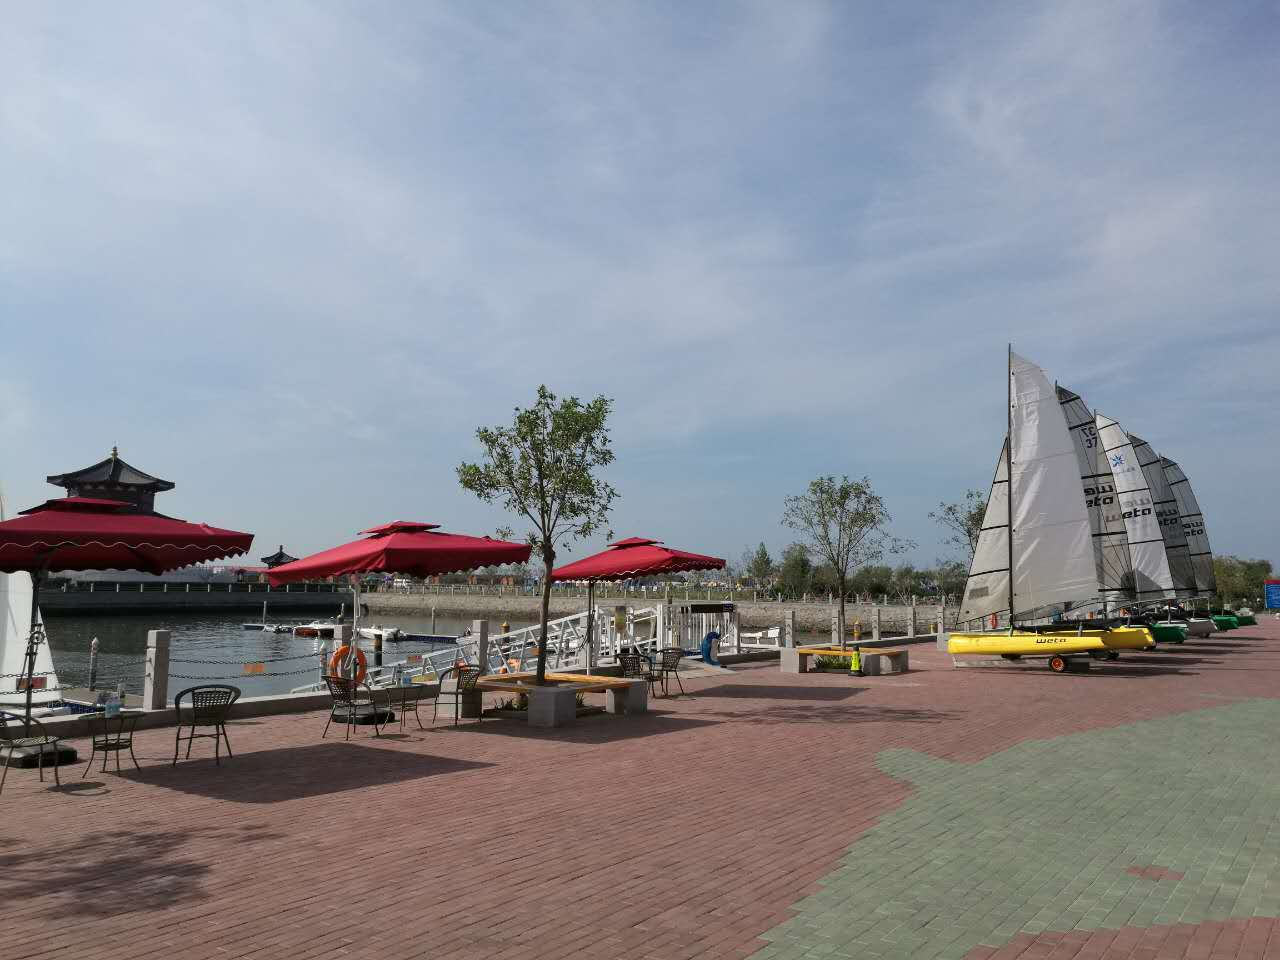 京津冀地区,帆船运动,俱乐部,会员,帆板 百伦斯帆船俱乐部码头